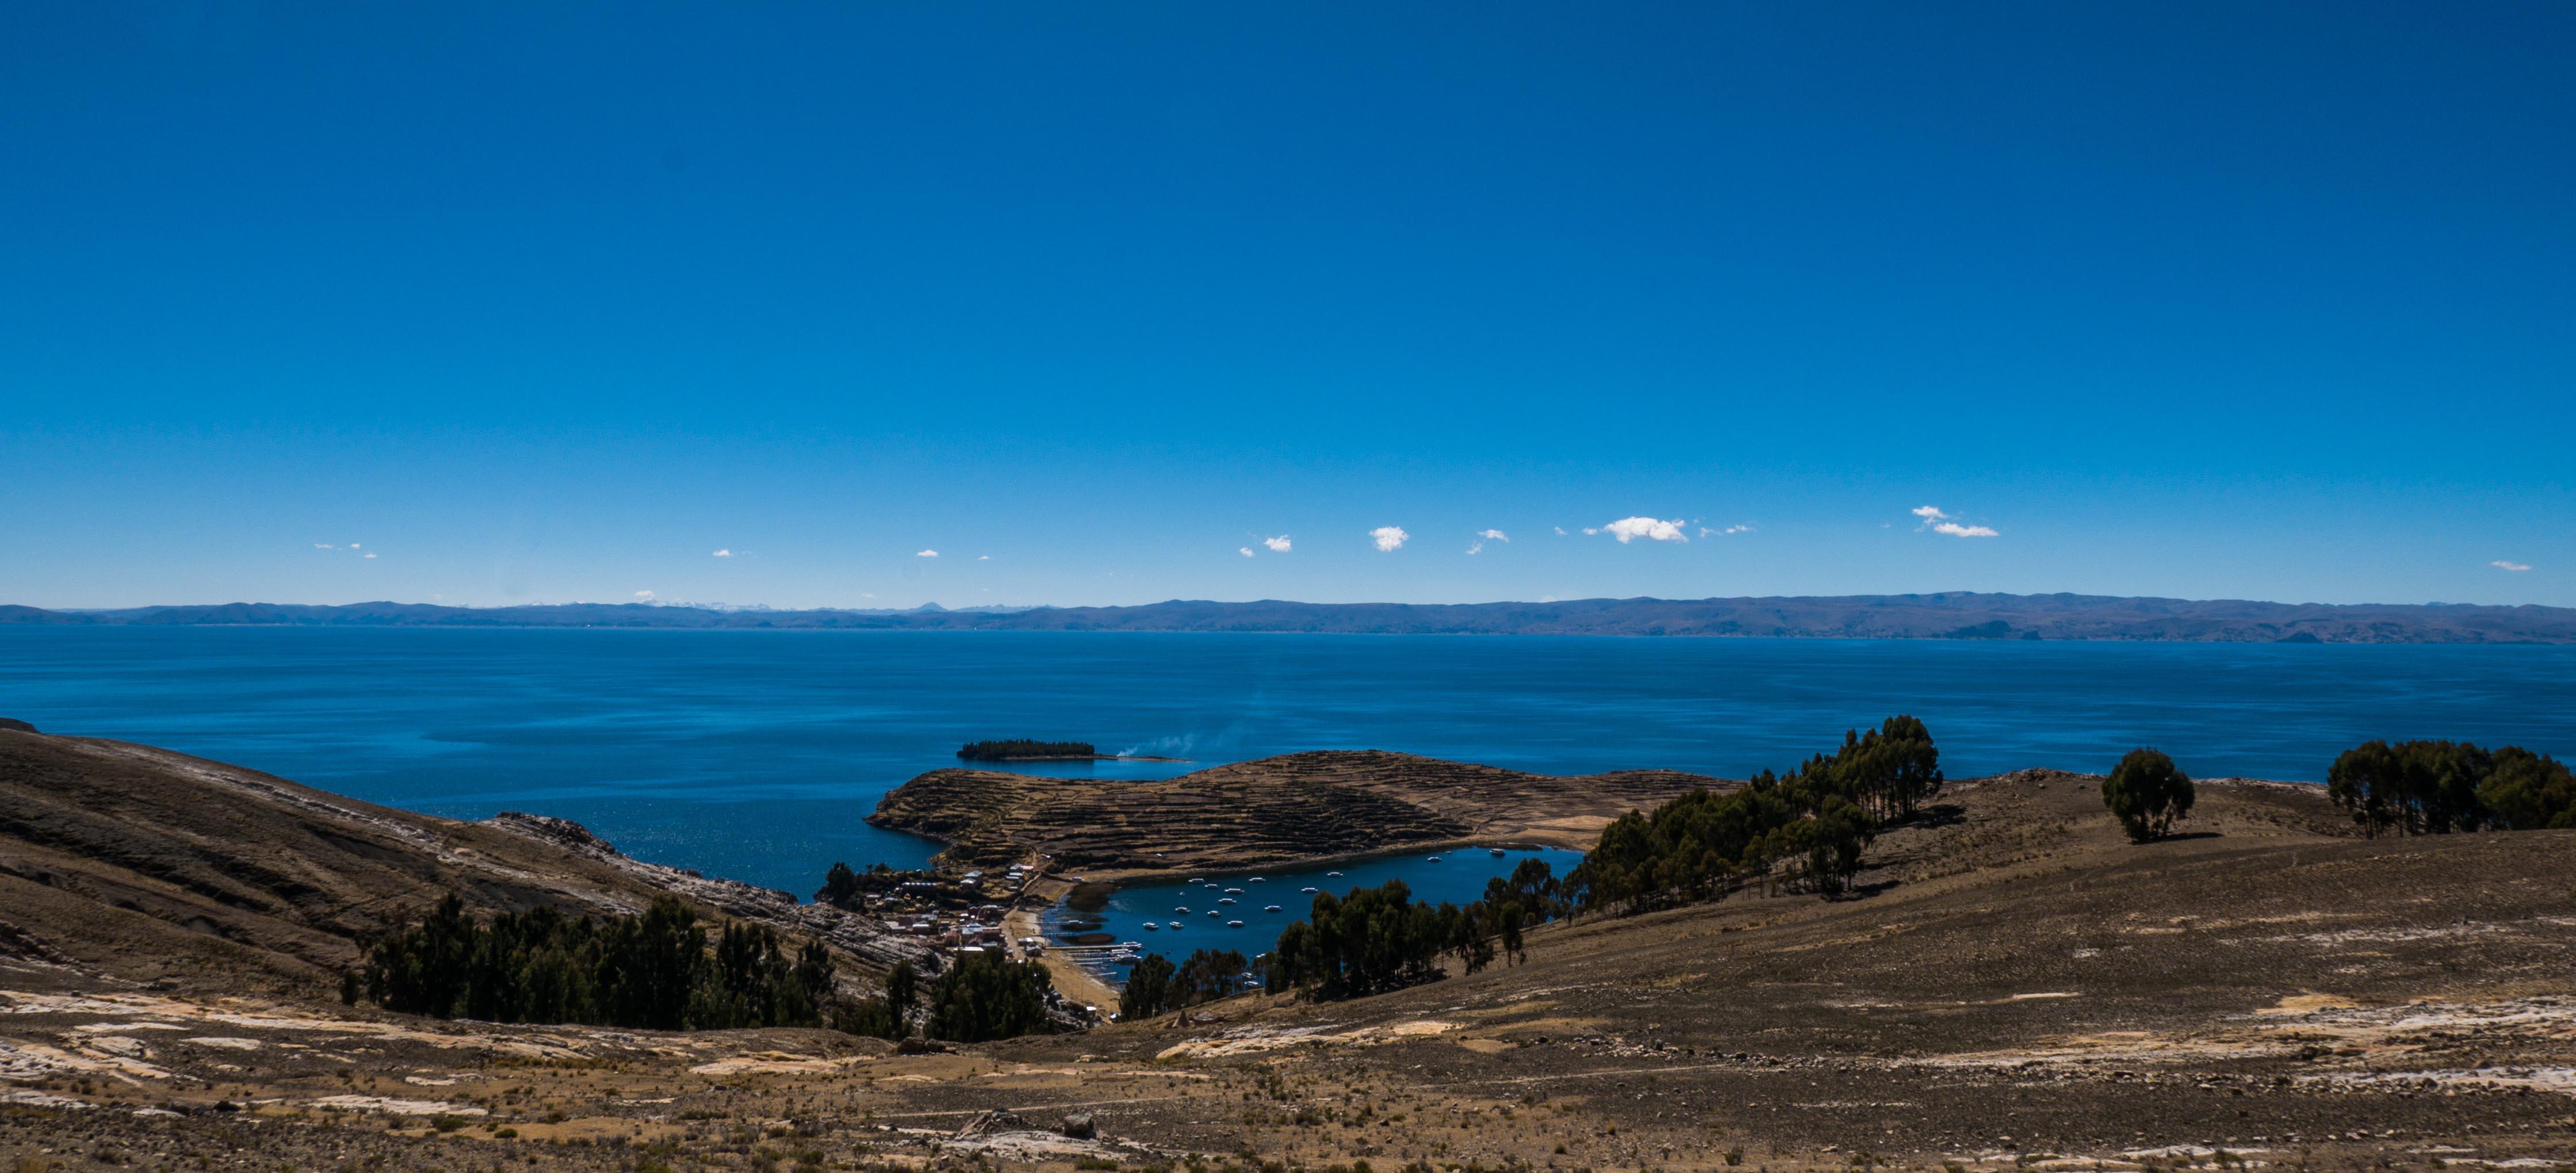 Challapampa Isla del Sol Titicacasjøen